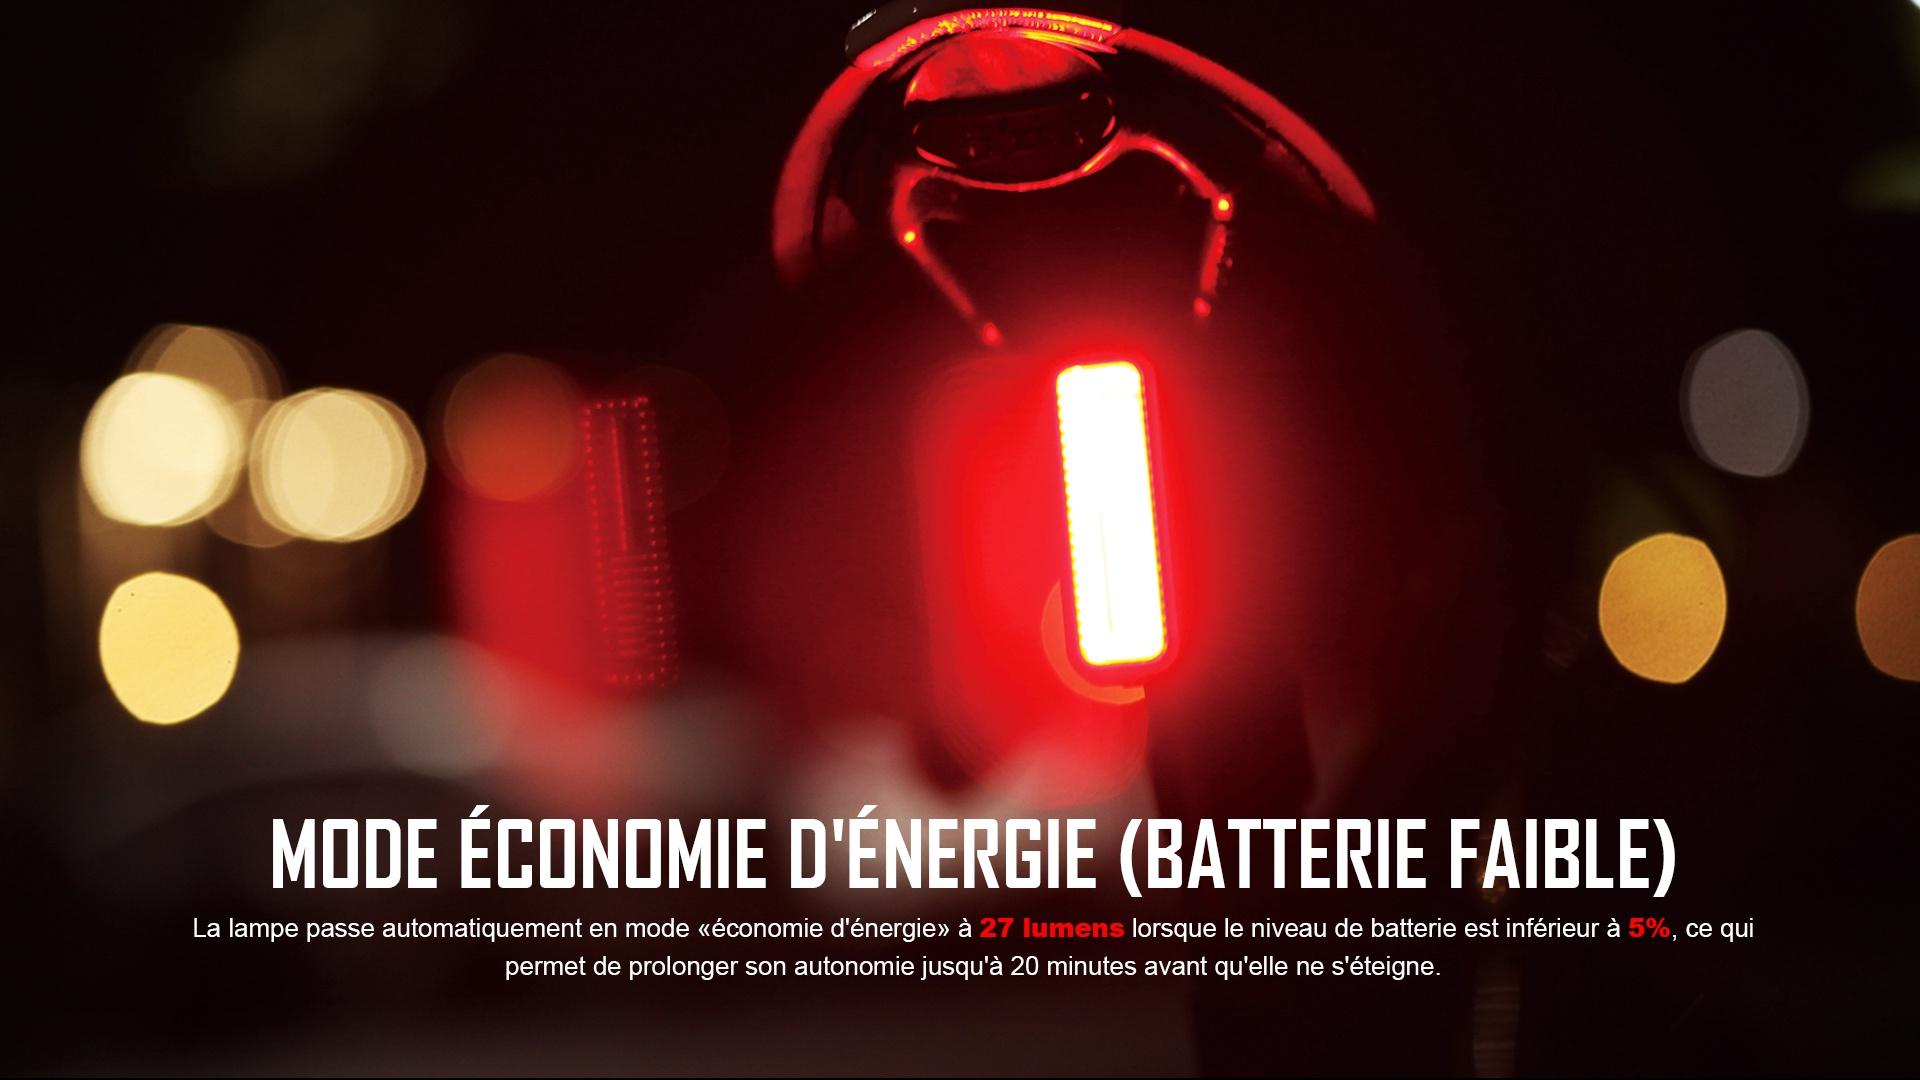 Les lampes de vélo peuvent entrer en mode d'économie d'énergie